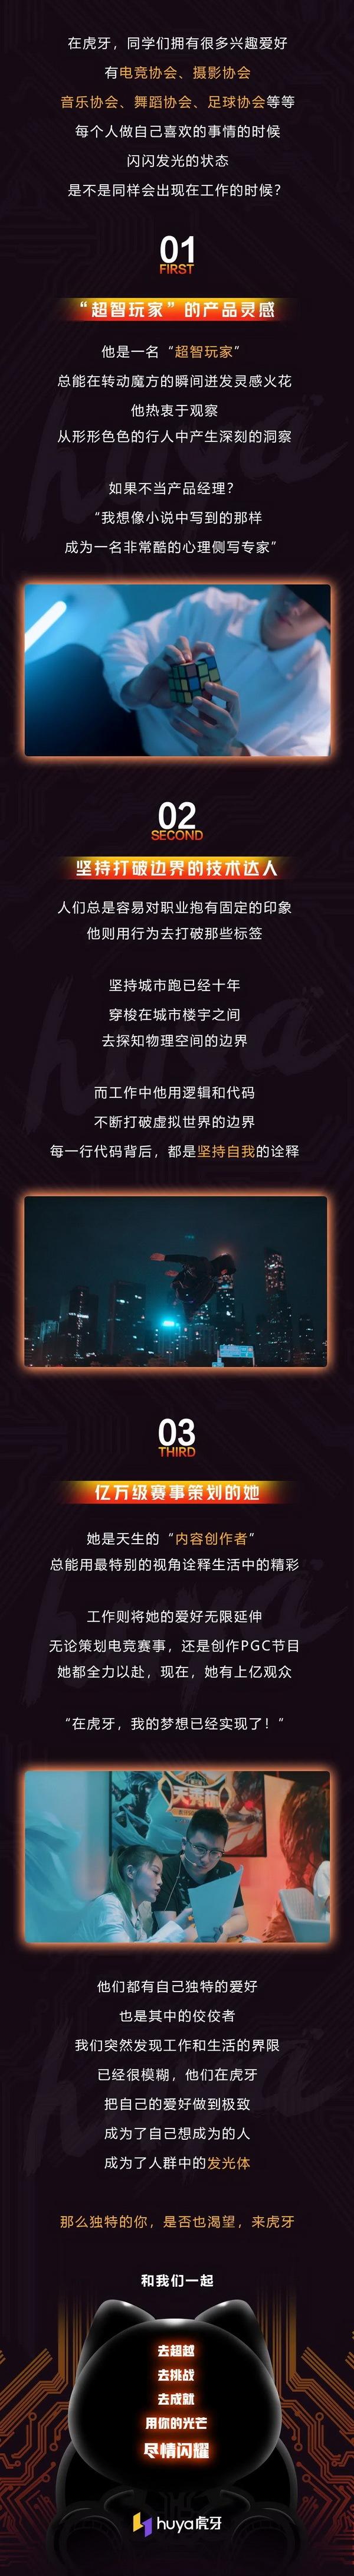 虎牙2021届校招宣传片《尽情闪耀》酷炫发布!